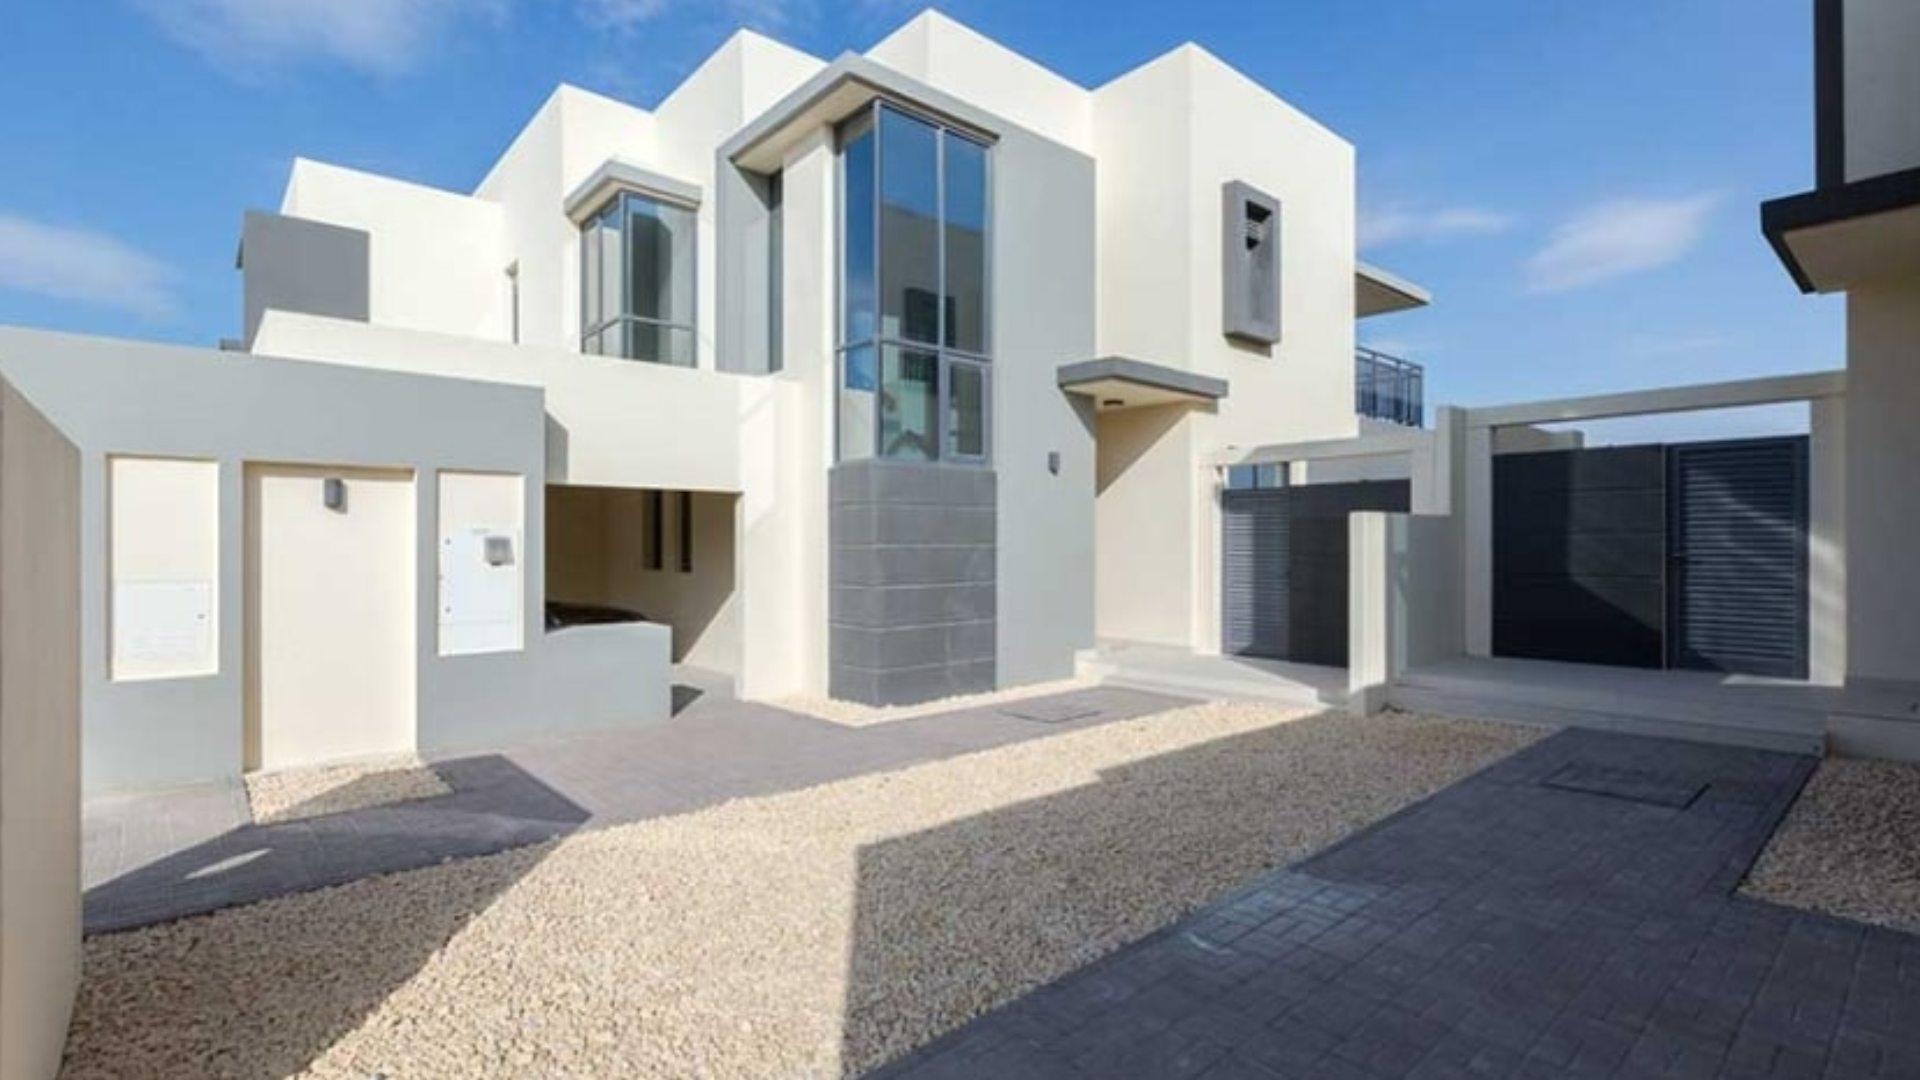 Adosado en venta en Dubai, EAU, 5 dormitorios, 293 m2, № 24142 – foto 1